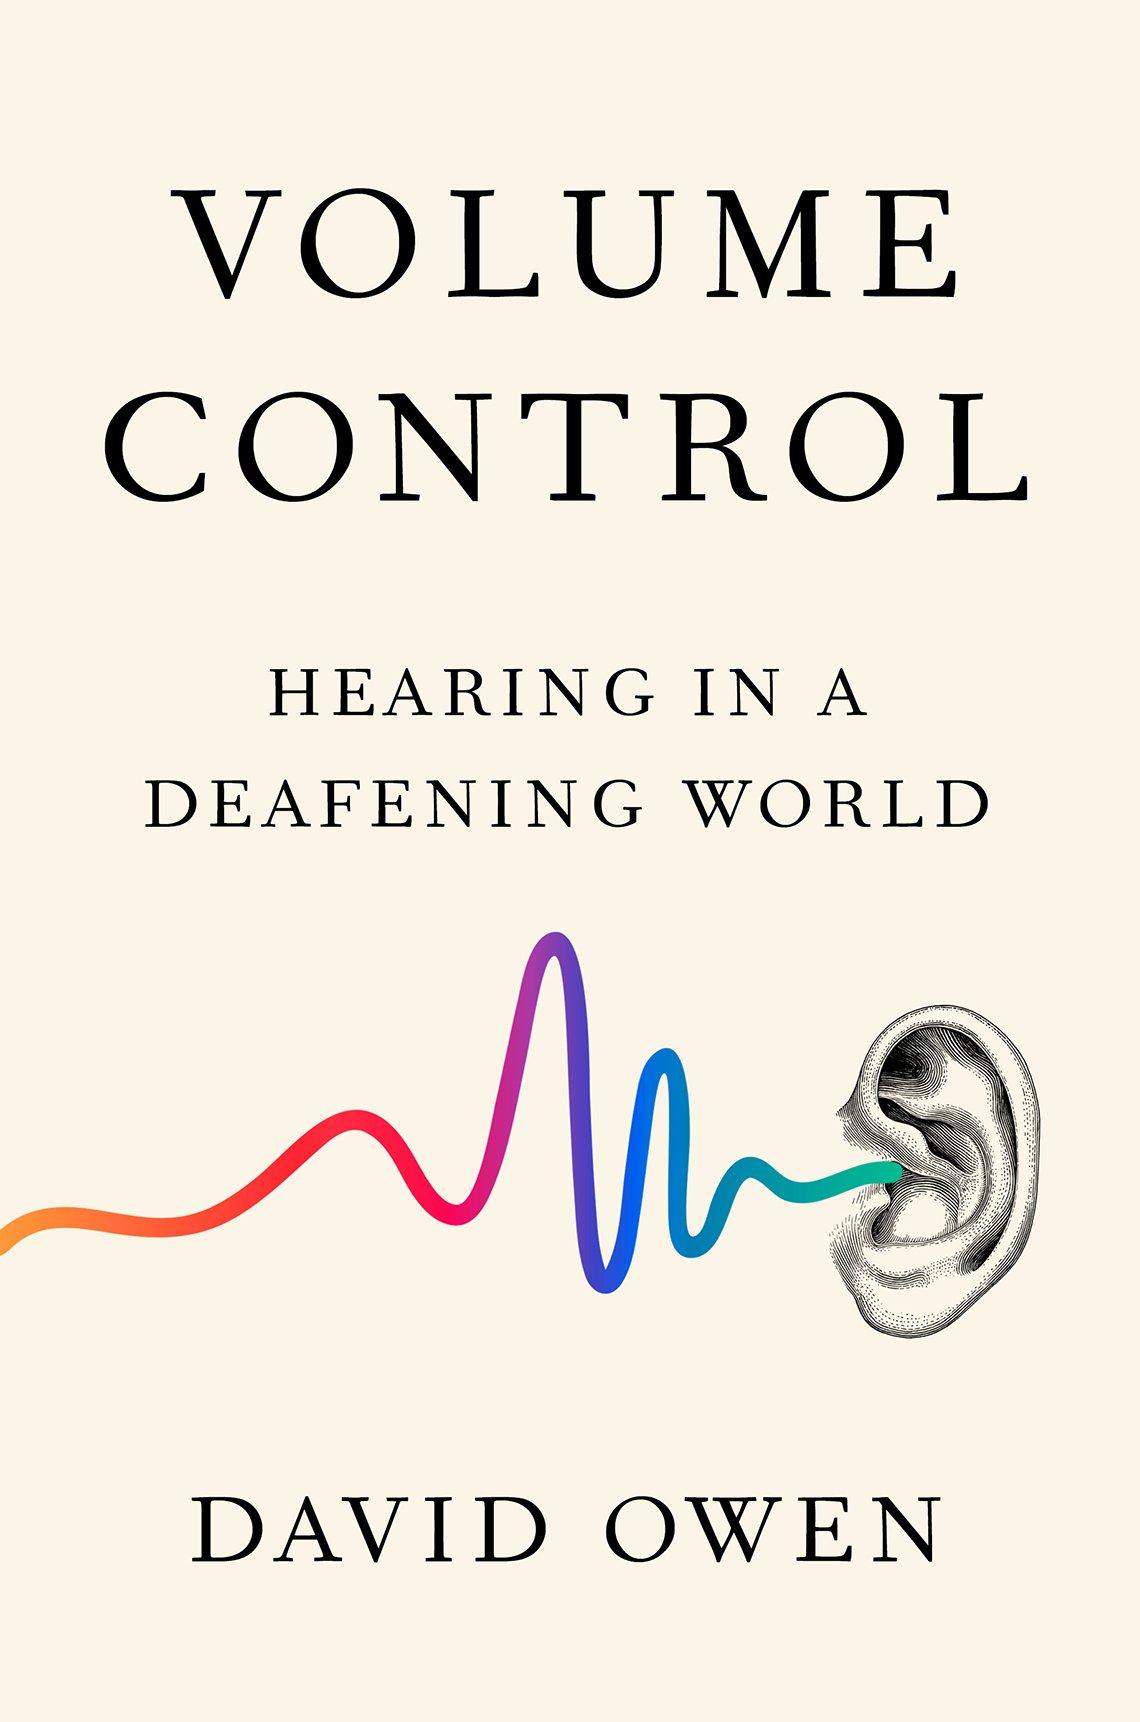 Portada del libro Volume Control: Hearing in a Deafening World de David Owen